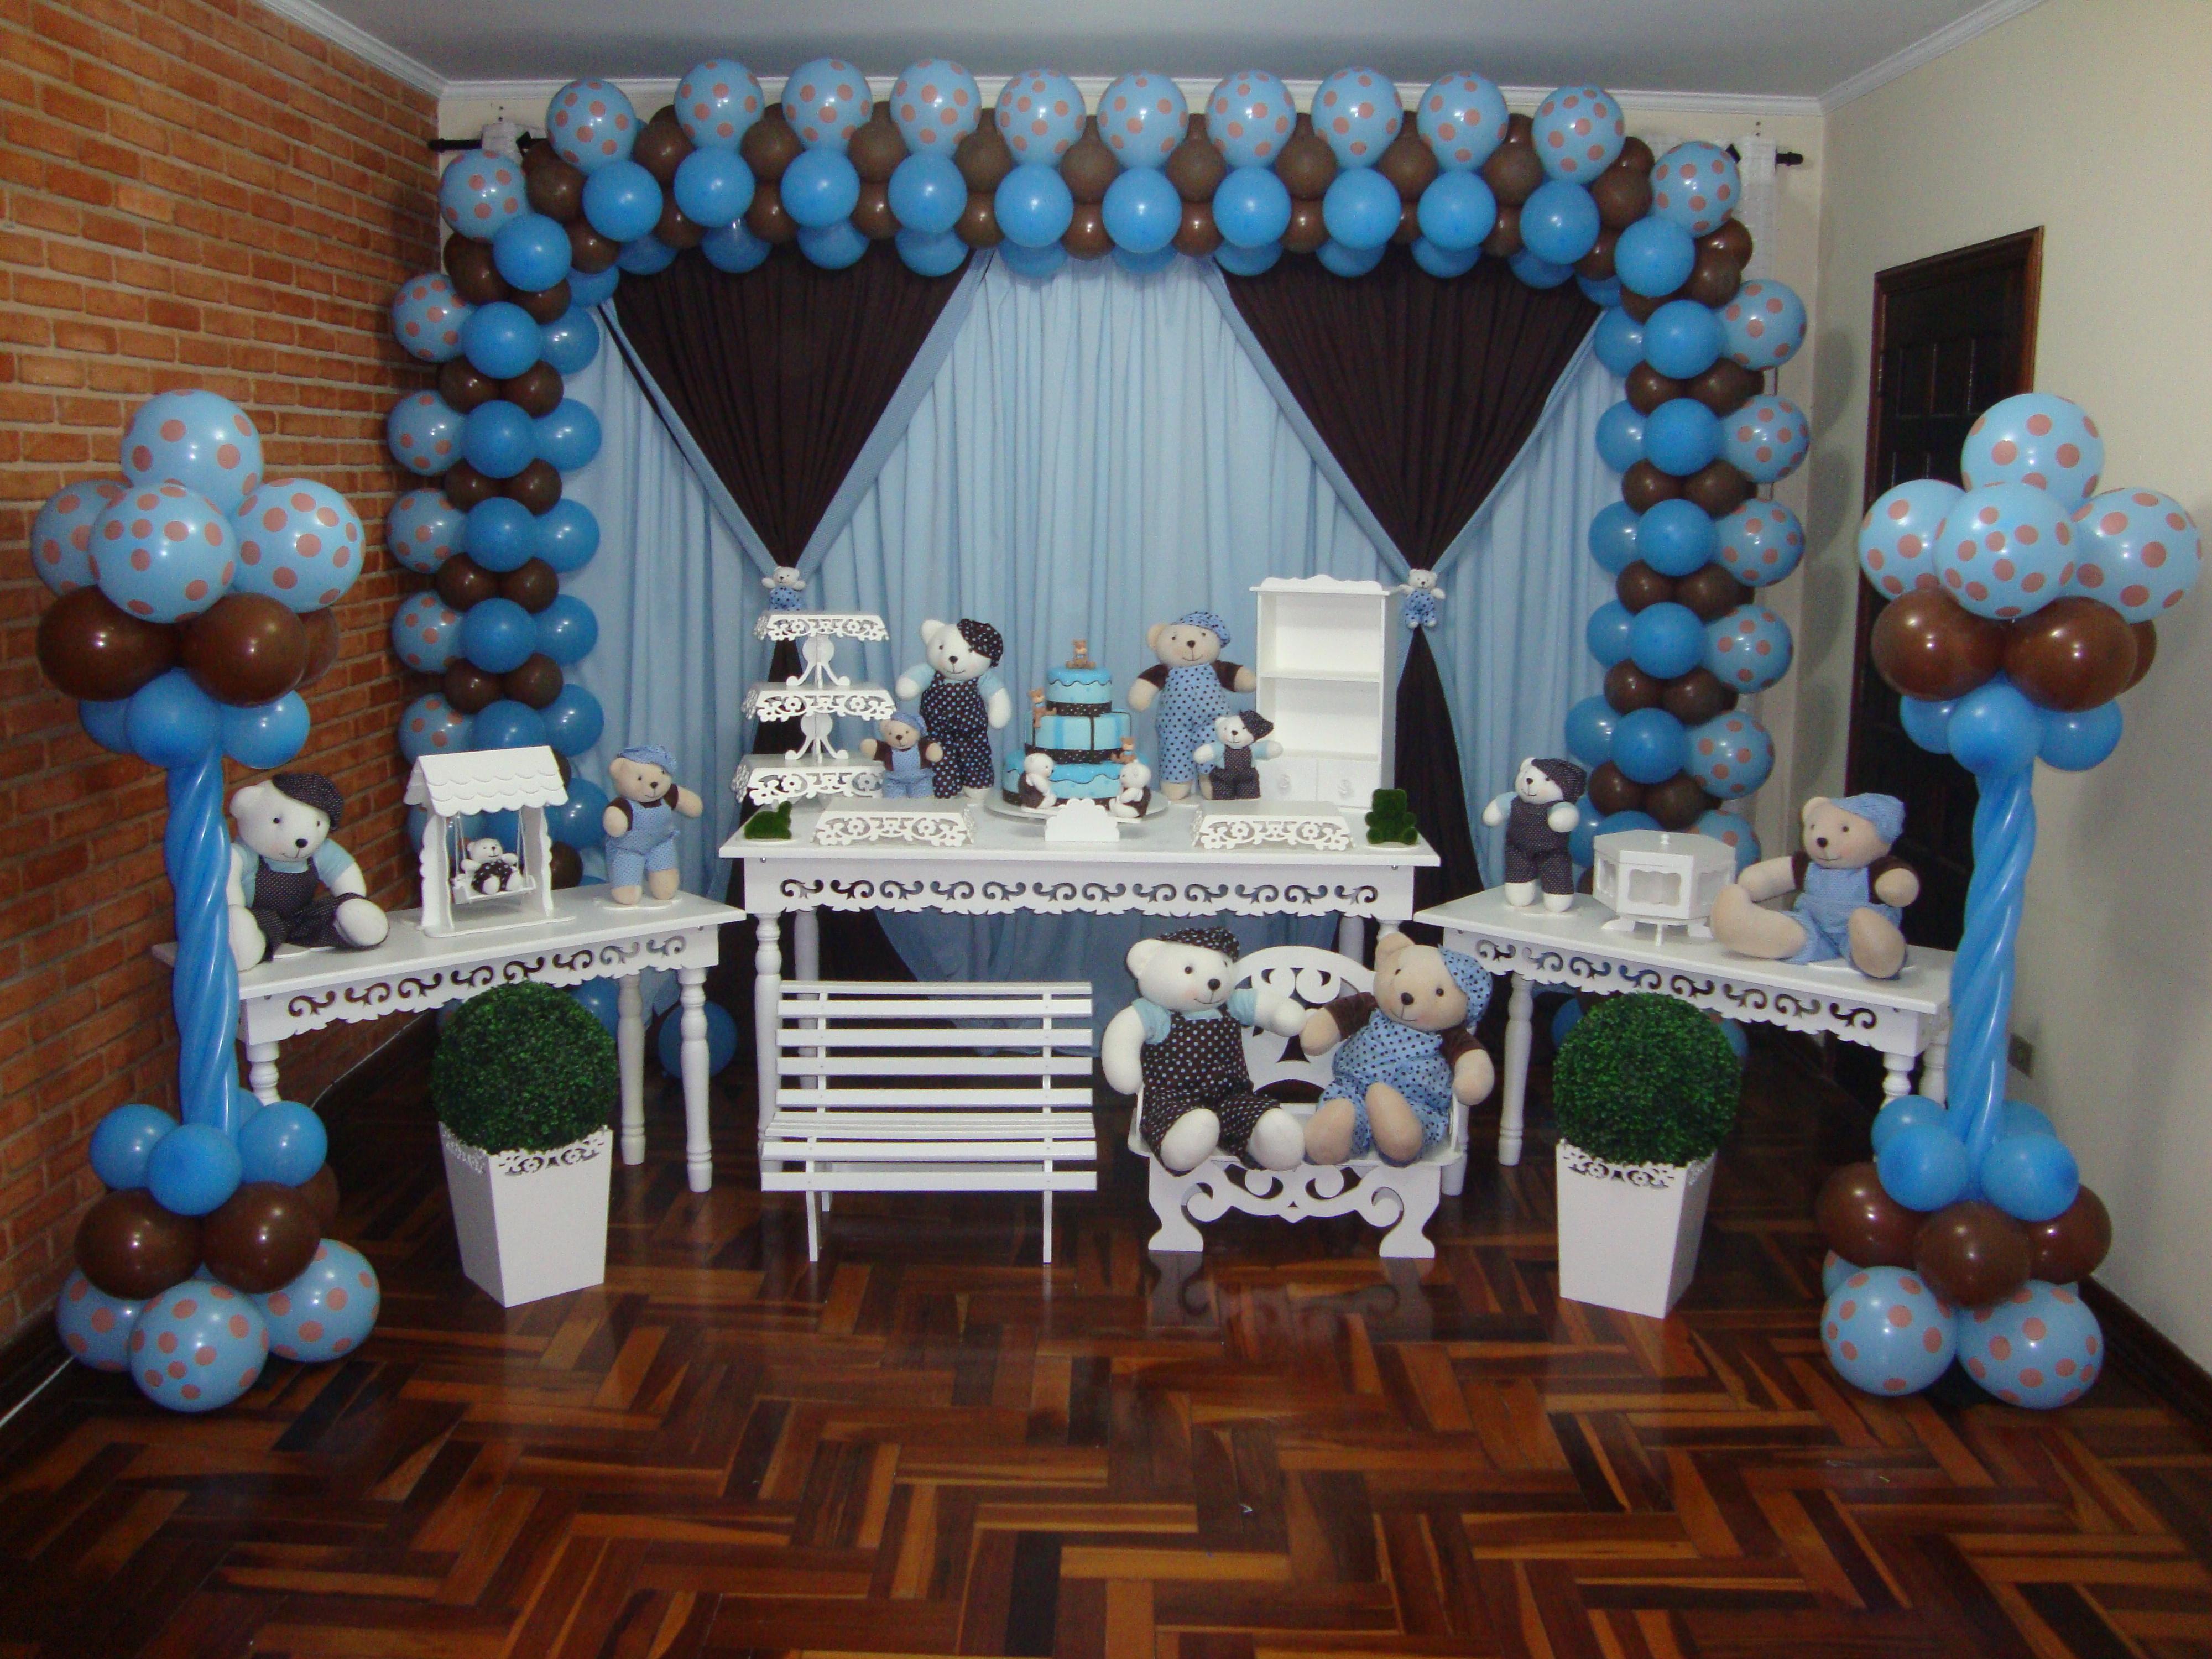 decoracao festa urso azul e marrom:clean urso marrom e azul decoracao decoracao clean urso marrom e azul